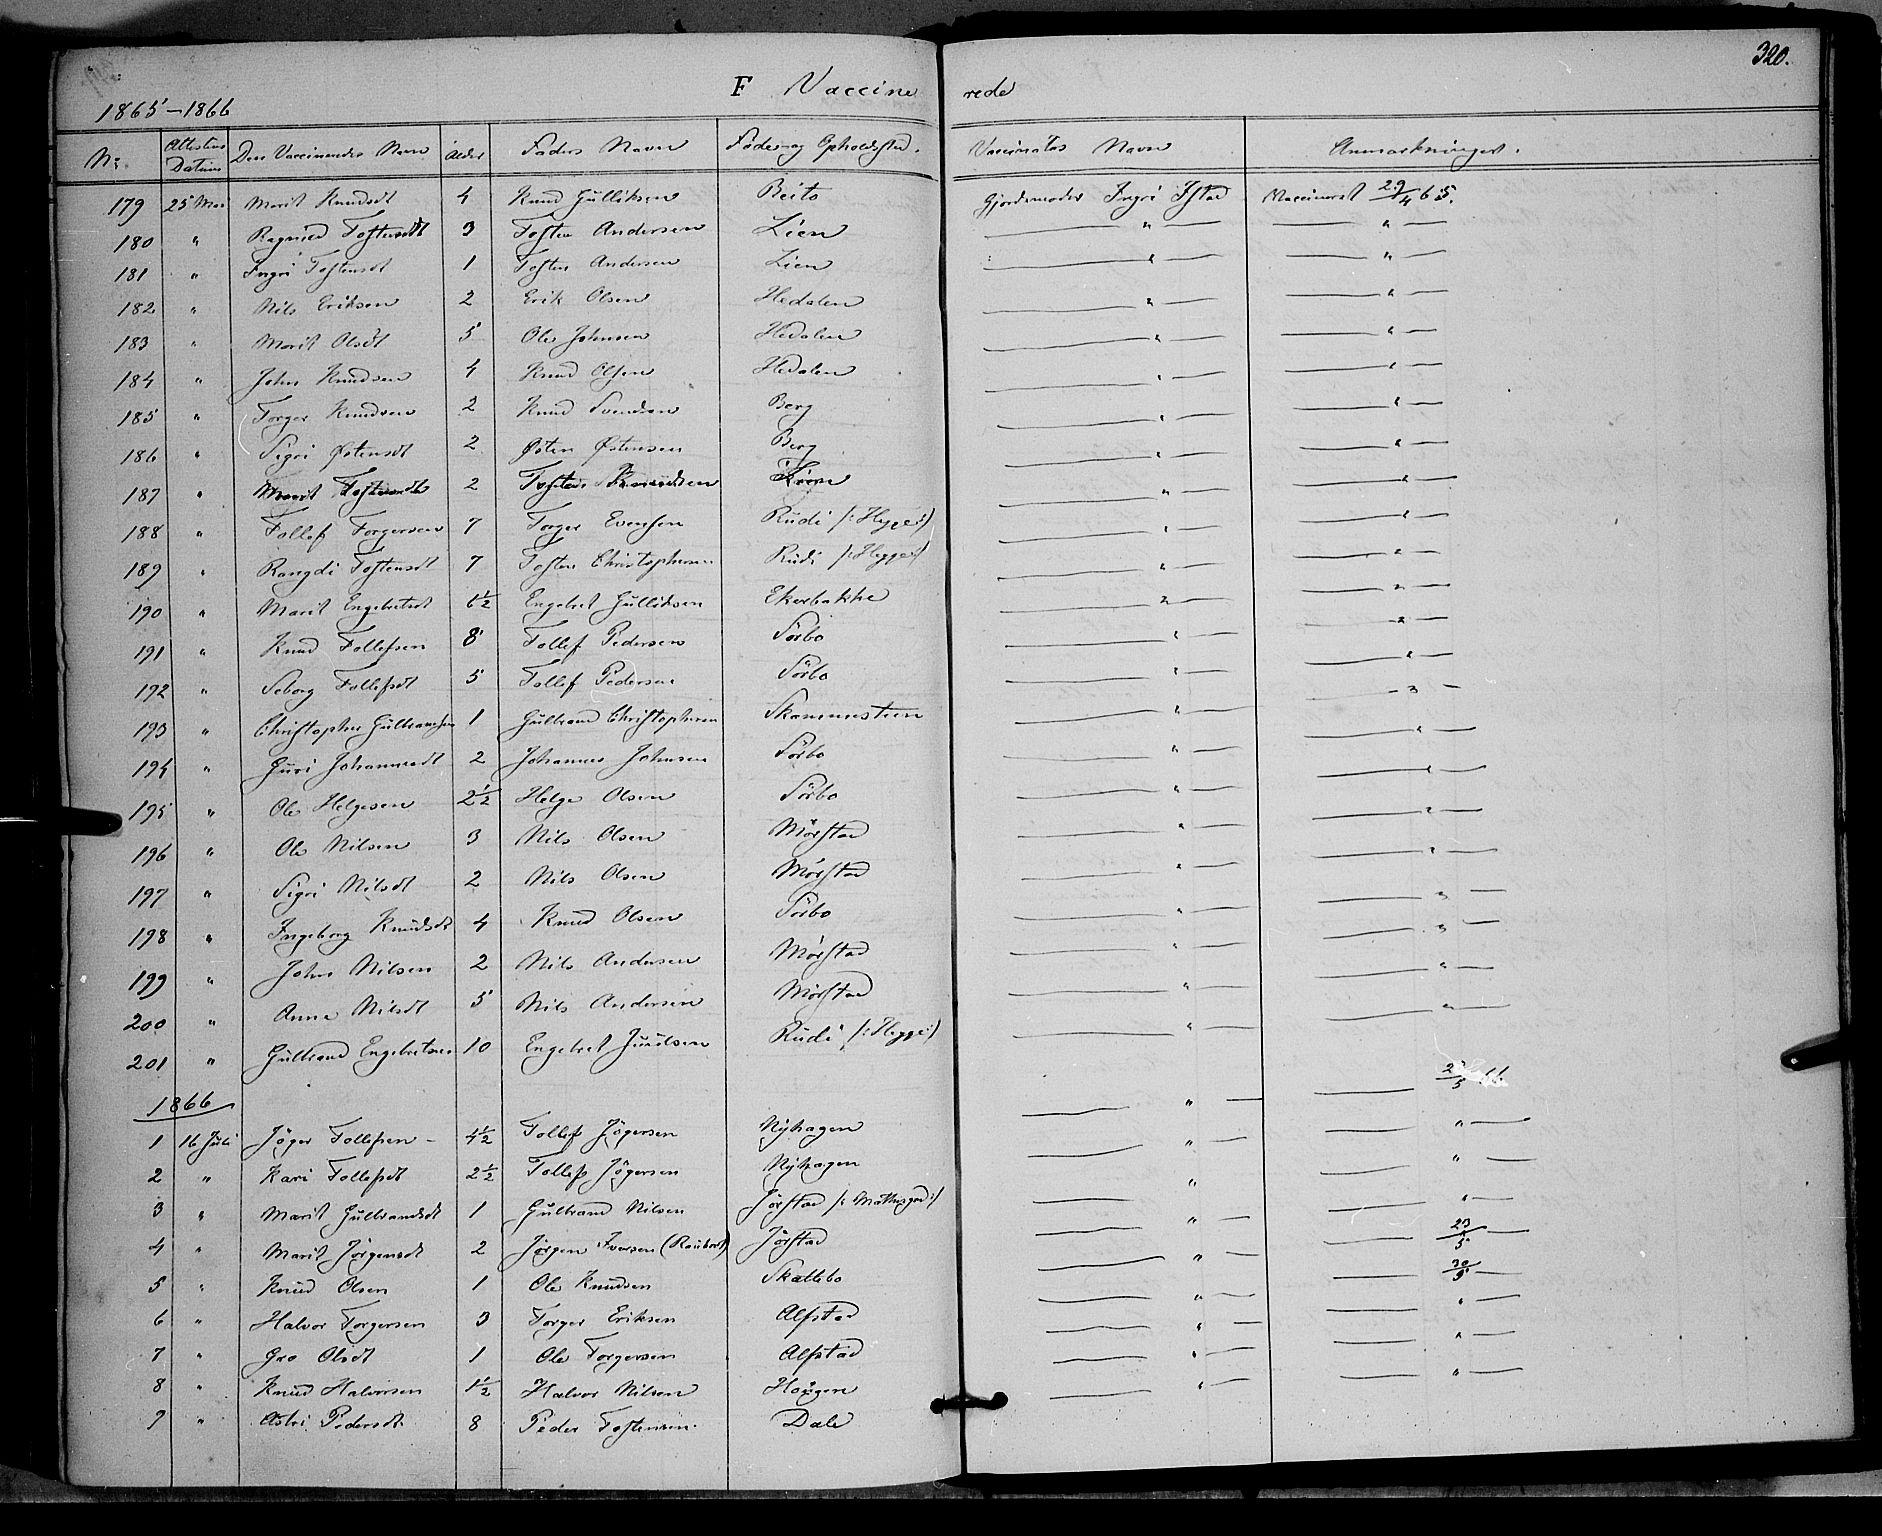 SAH, Øystre Slidre prestekontor, Ministerialbok nr. 1, 1849-1874, s. 320